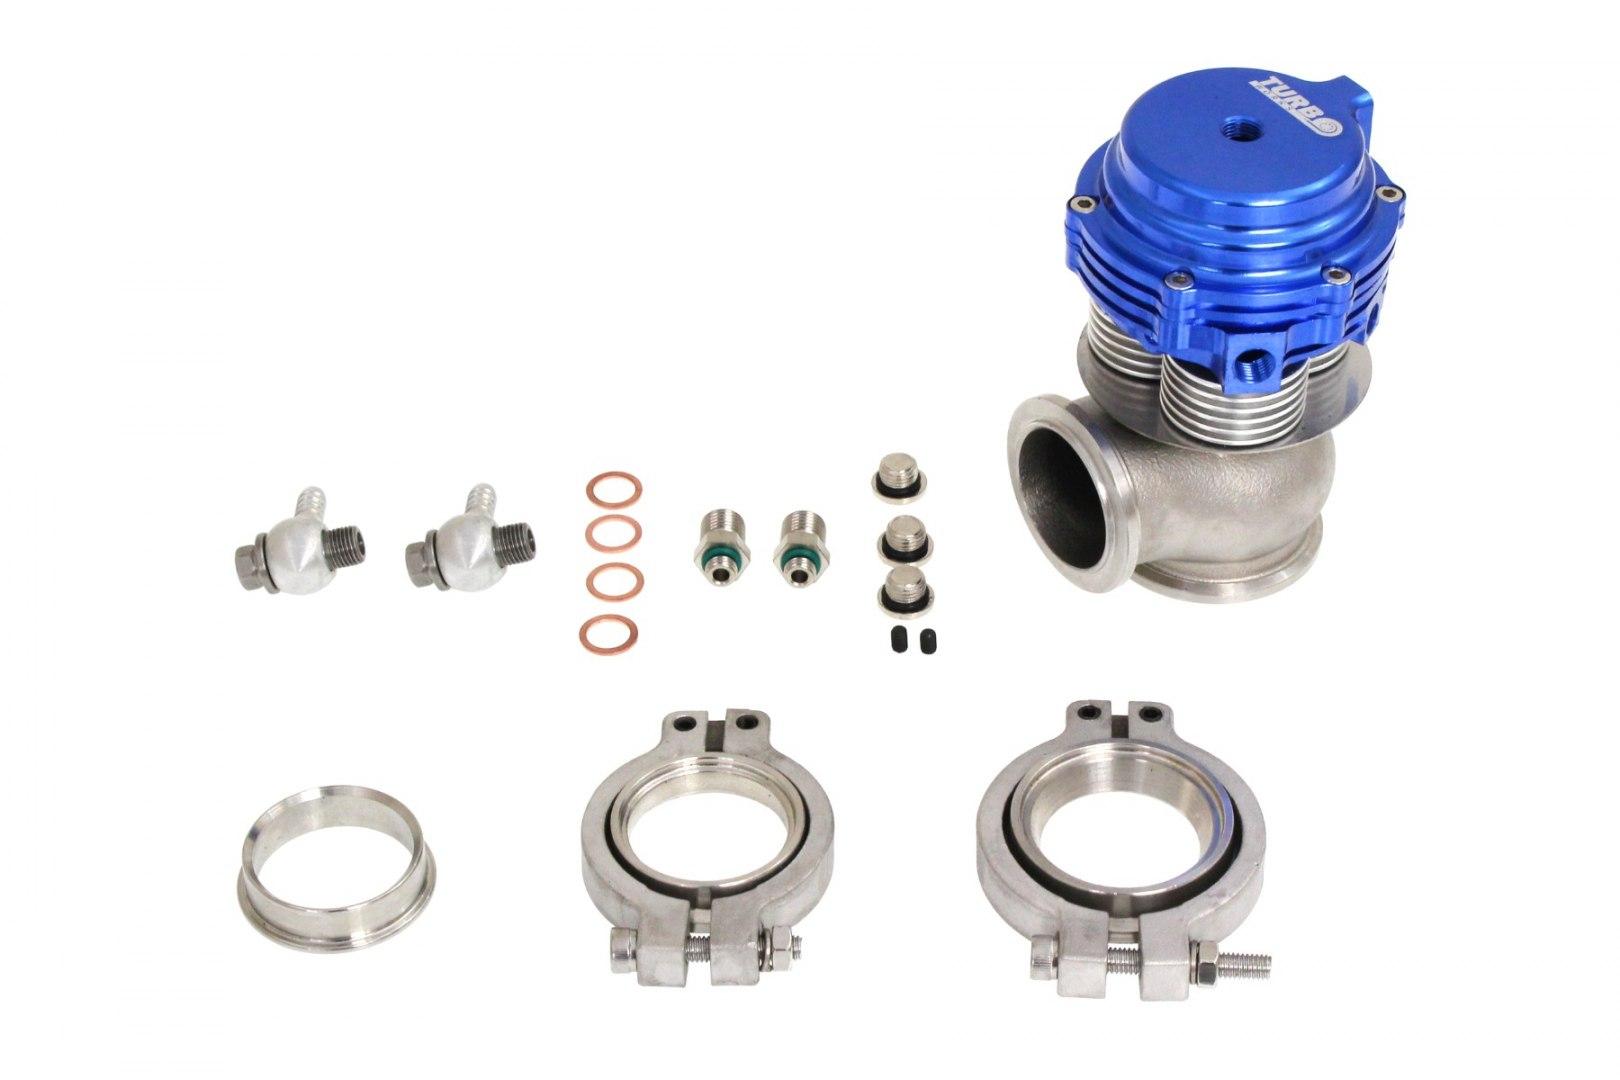 Wastegate zewnętrzny TurboWorks 38mm chłodzony wodą 2,5 Bar V-Band Blue - GRUBYGARAGE - Sklep Tuningowy